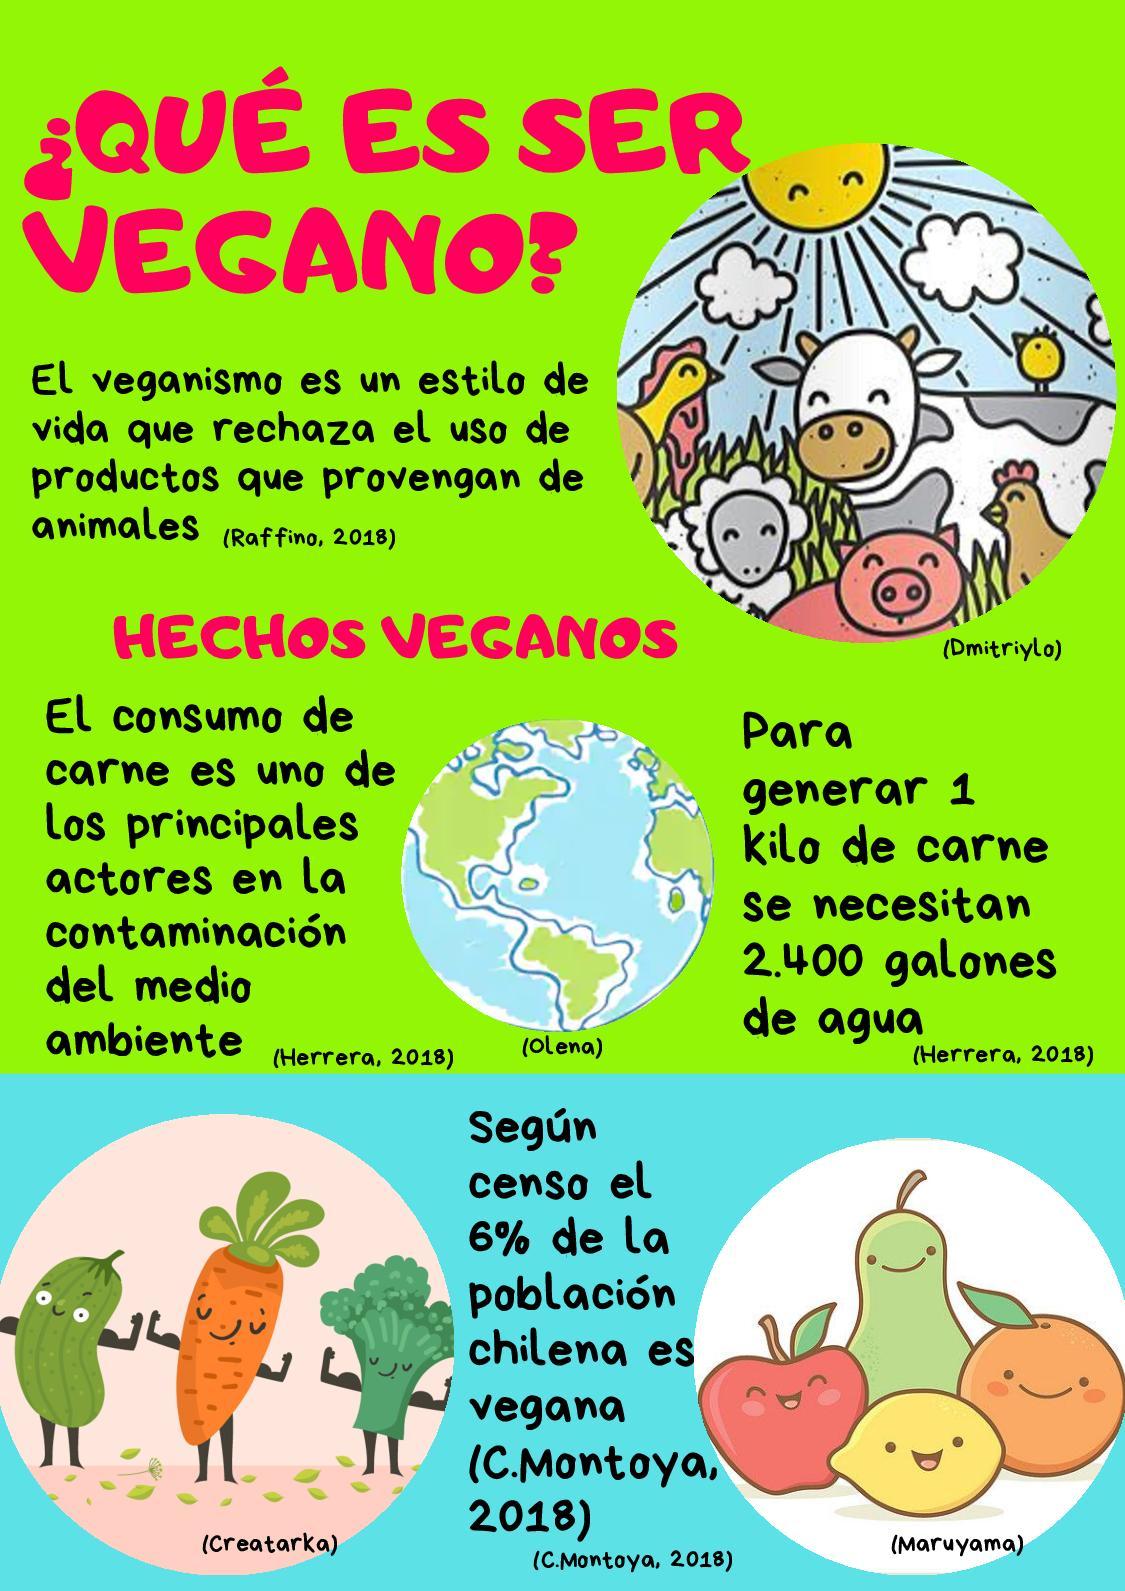 Qué es ser vegano